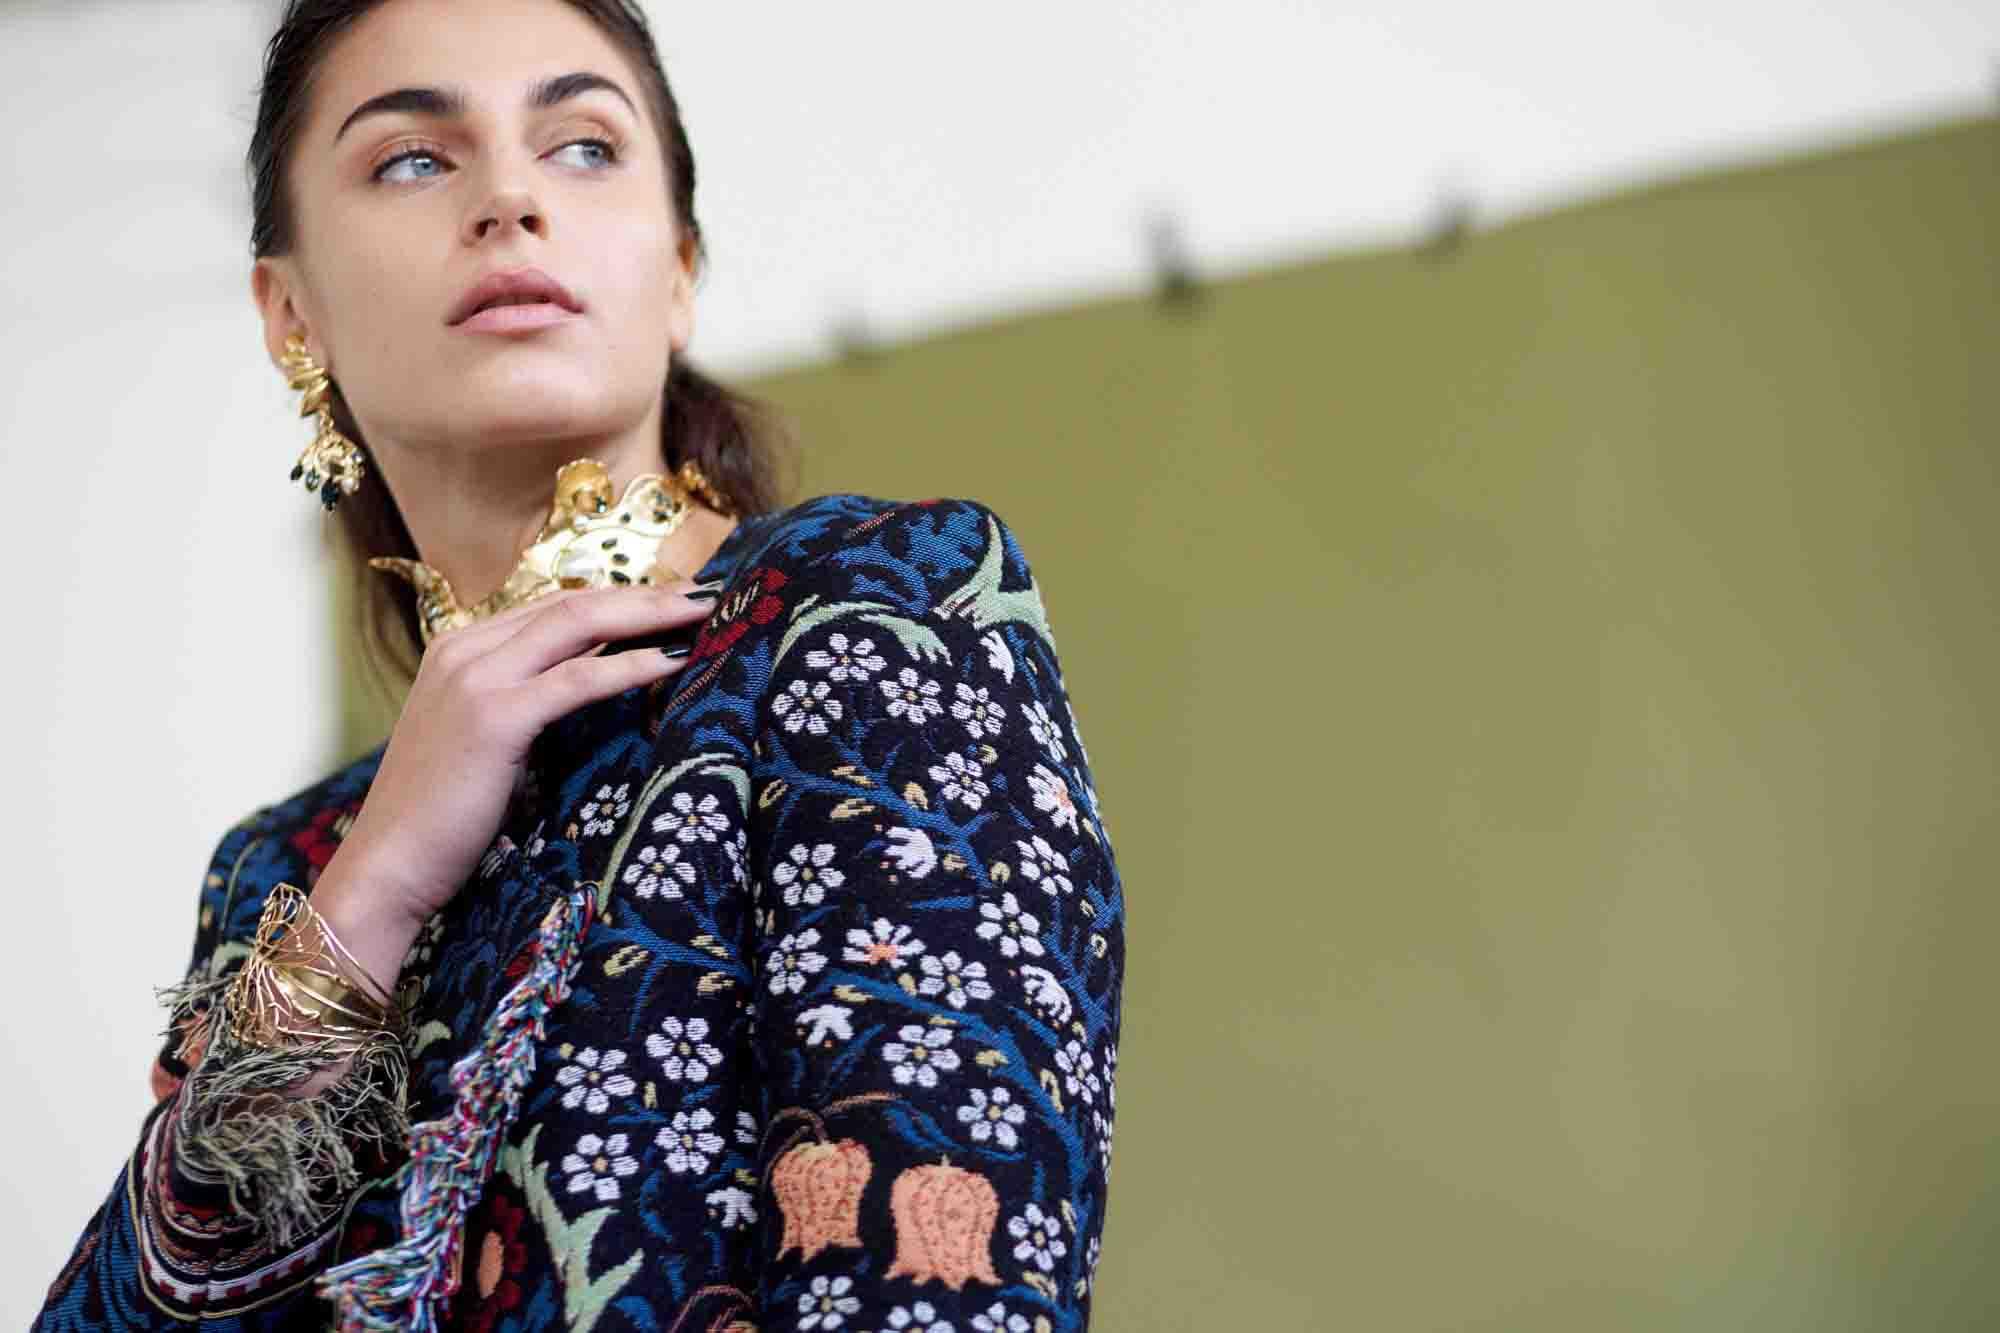 קובי גולן, Kobi Golan, מעצב אופנה, קולקציית אופנה 2020, מגזין אופנה, כתבות אופנה, הילה שייר, אופנה, מגזין אופנה ישראלי -11